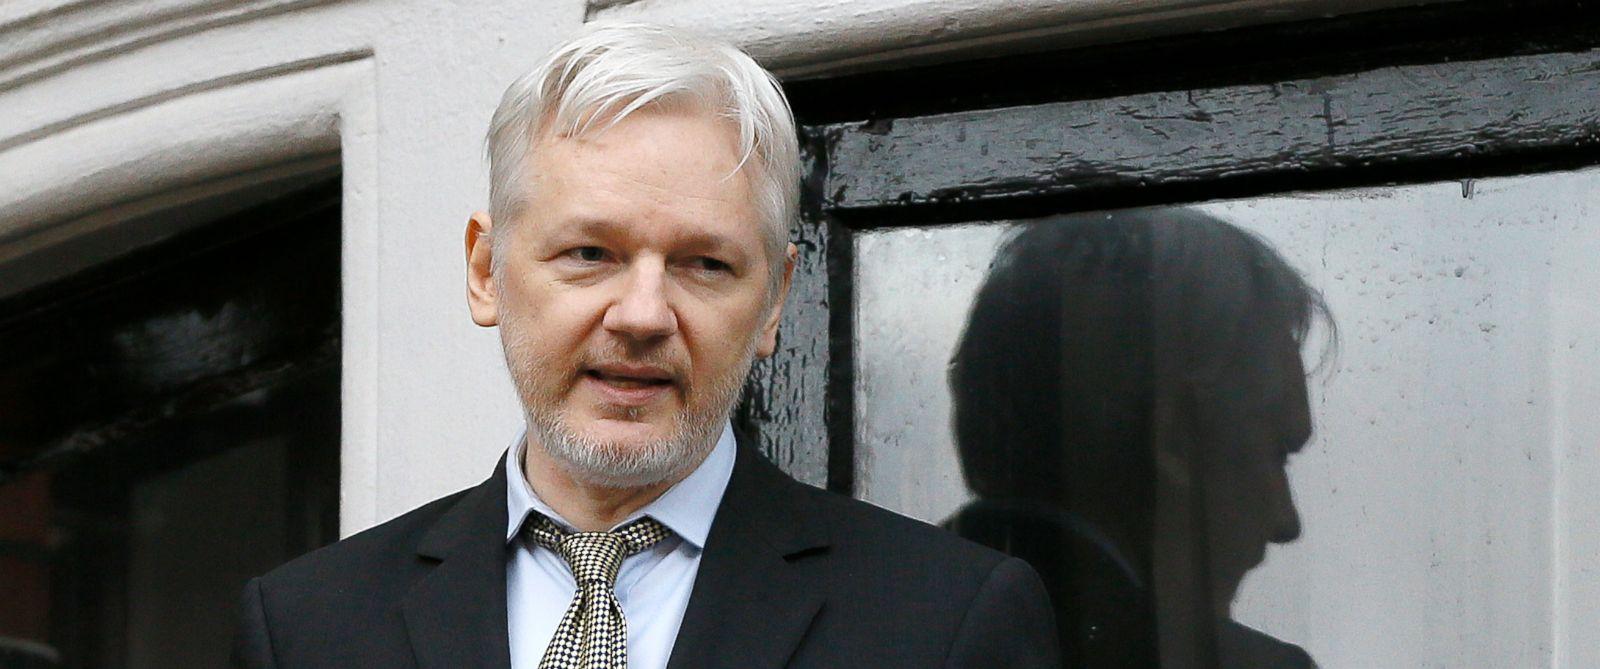 PHOTO: WikiLeaks founder Julian Assange speaks from the balcony of the Ecuadorean Embassy in London, Feb. 5, 2016.